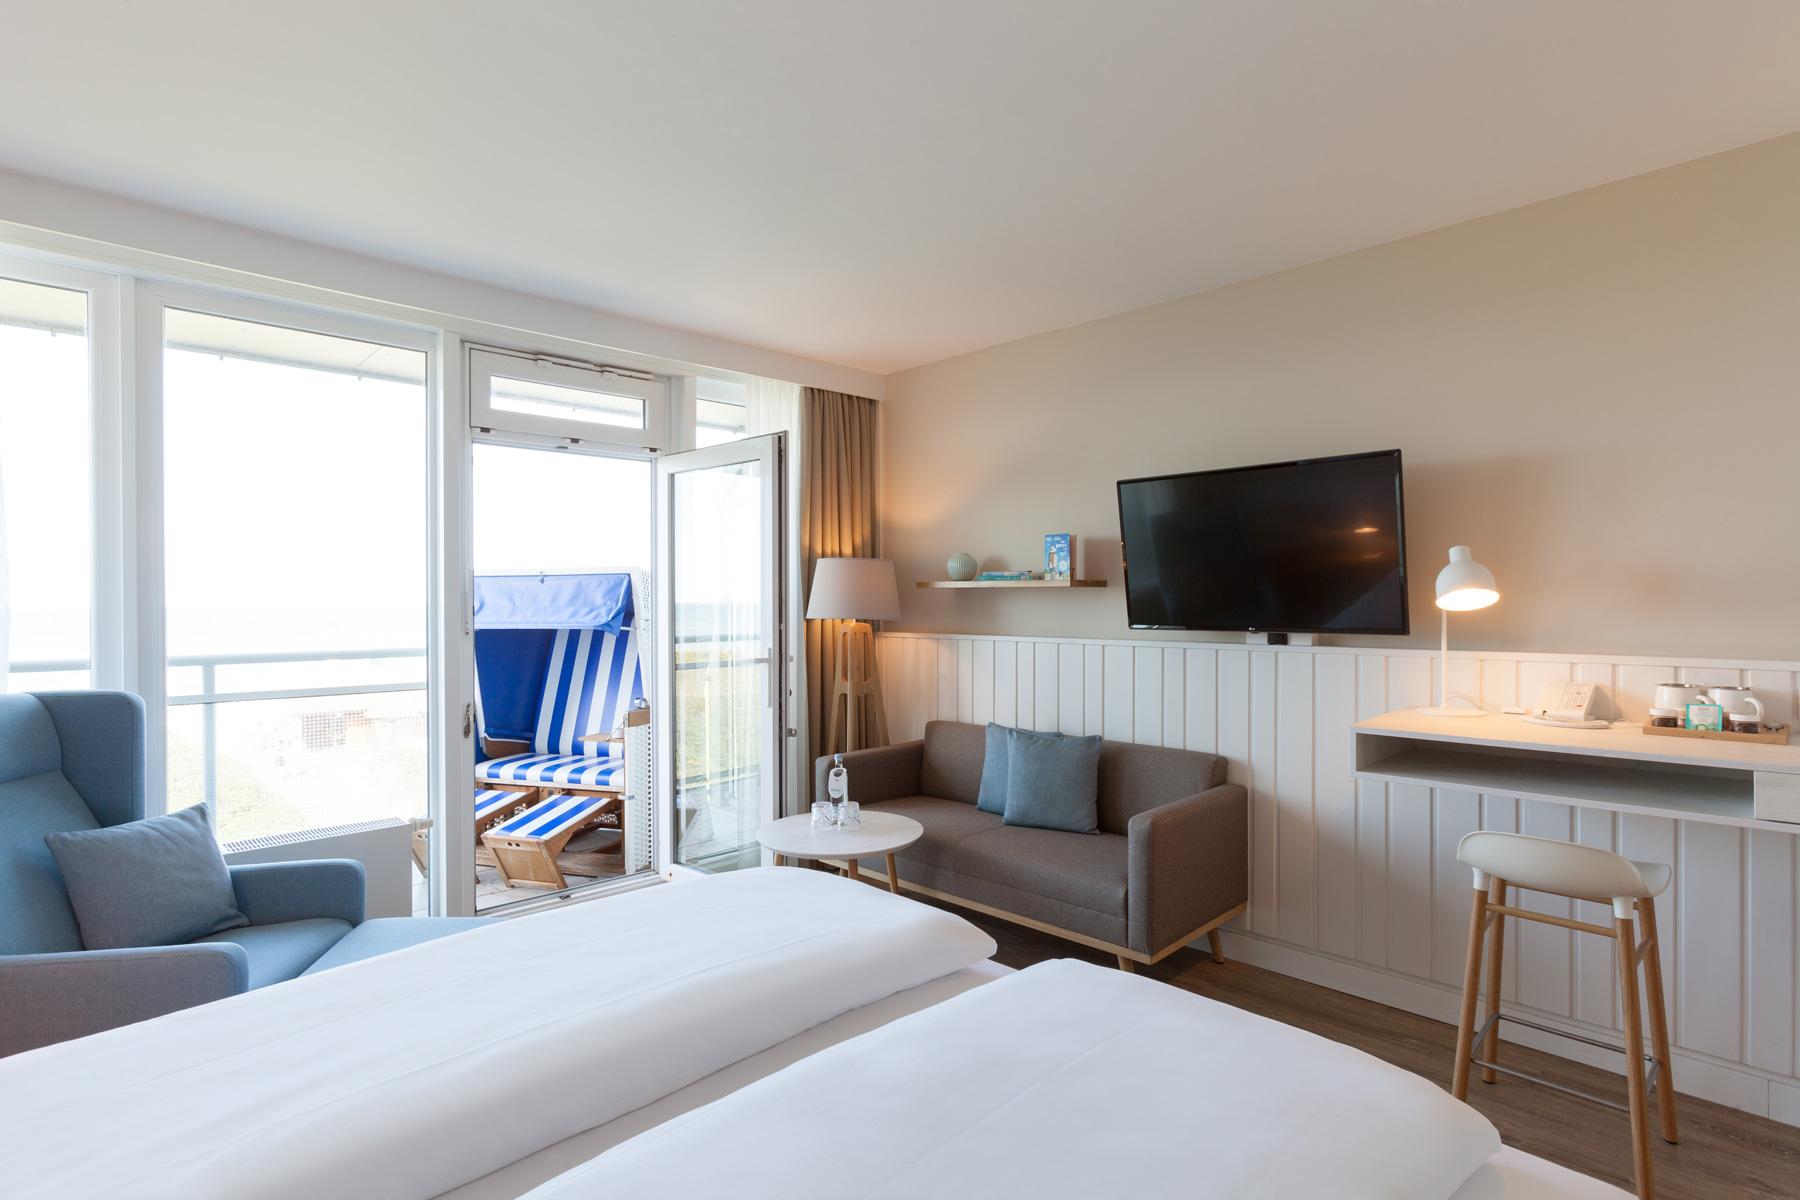 Wyn Strandhotel Sylt Zimmeransicht Buhne